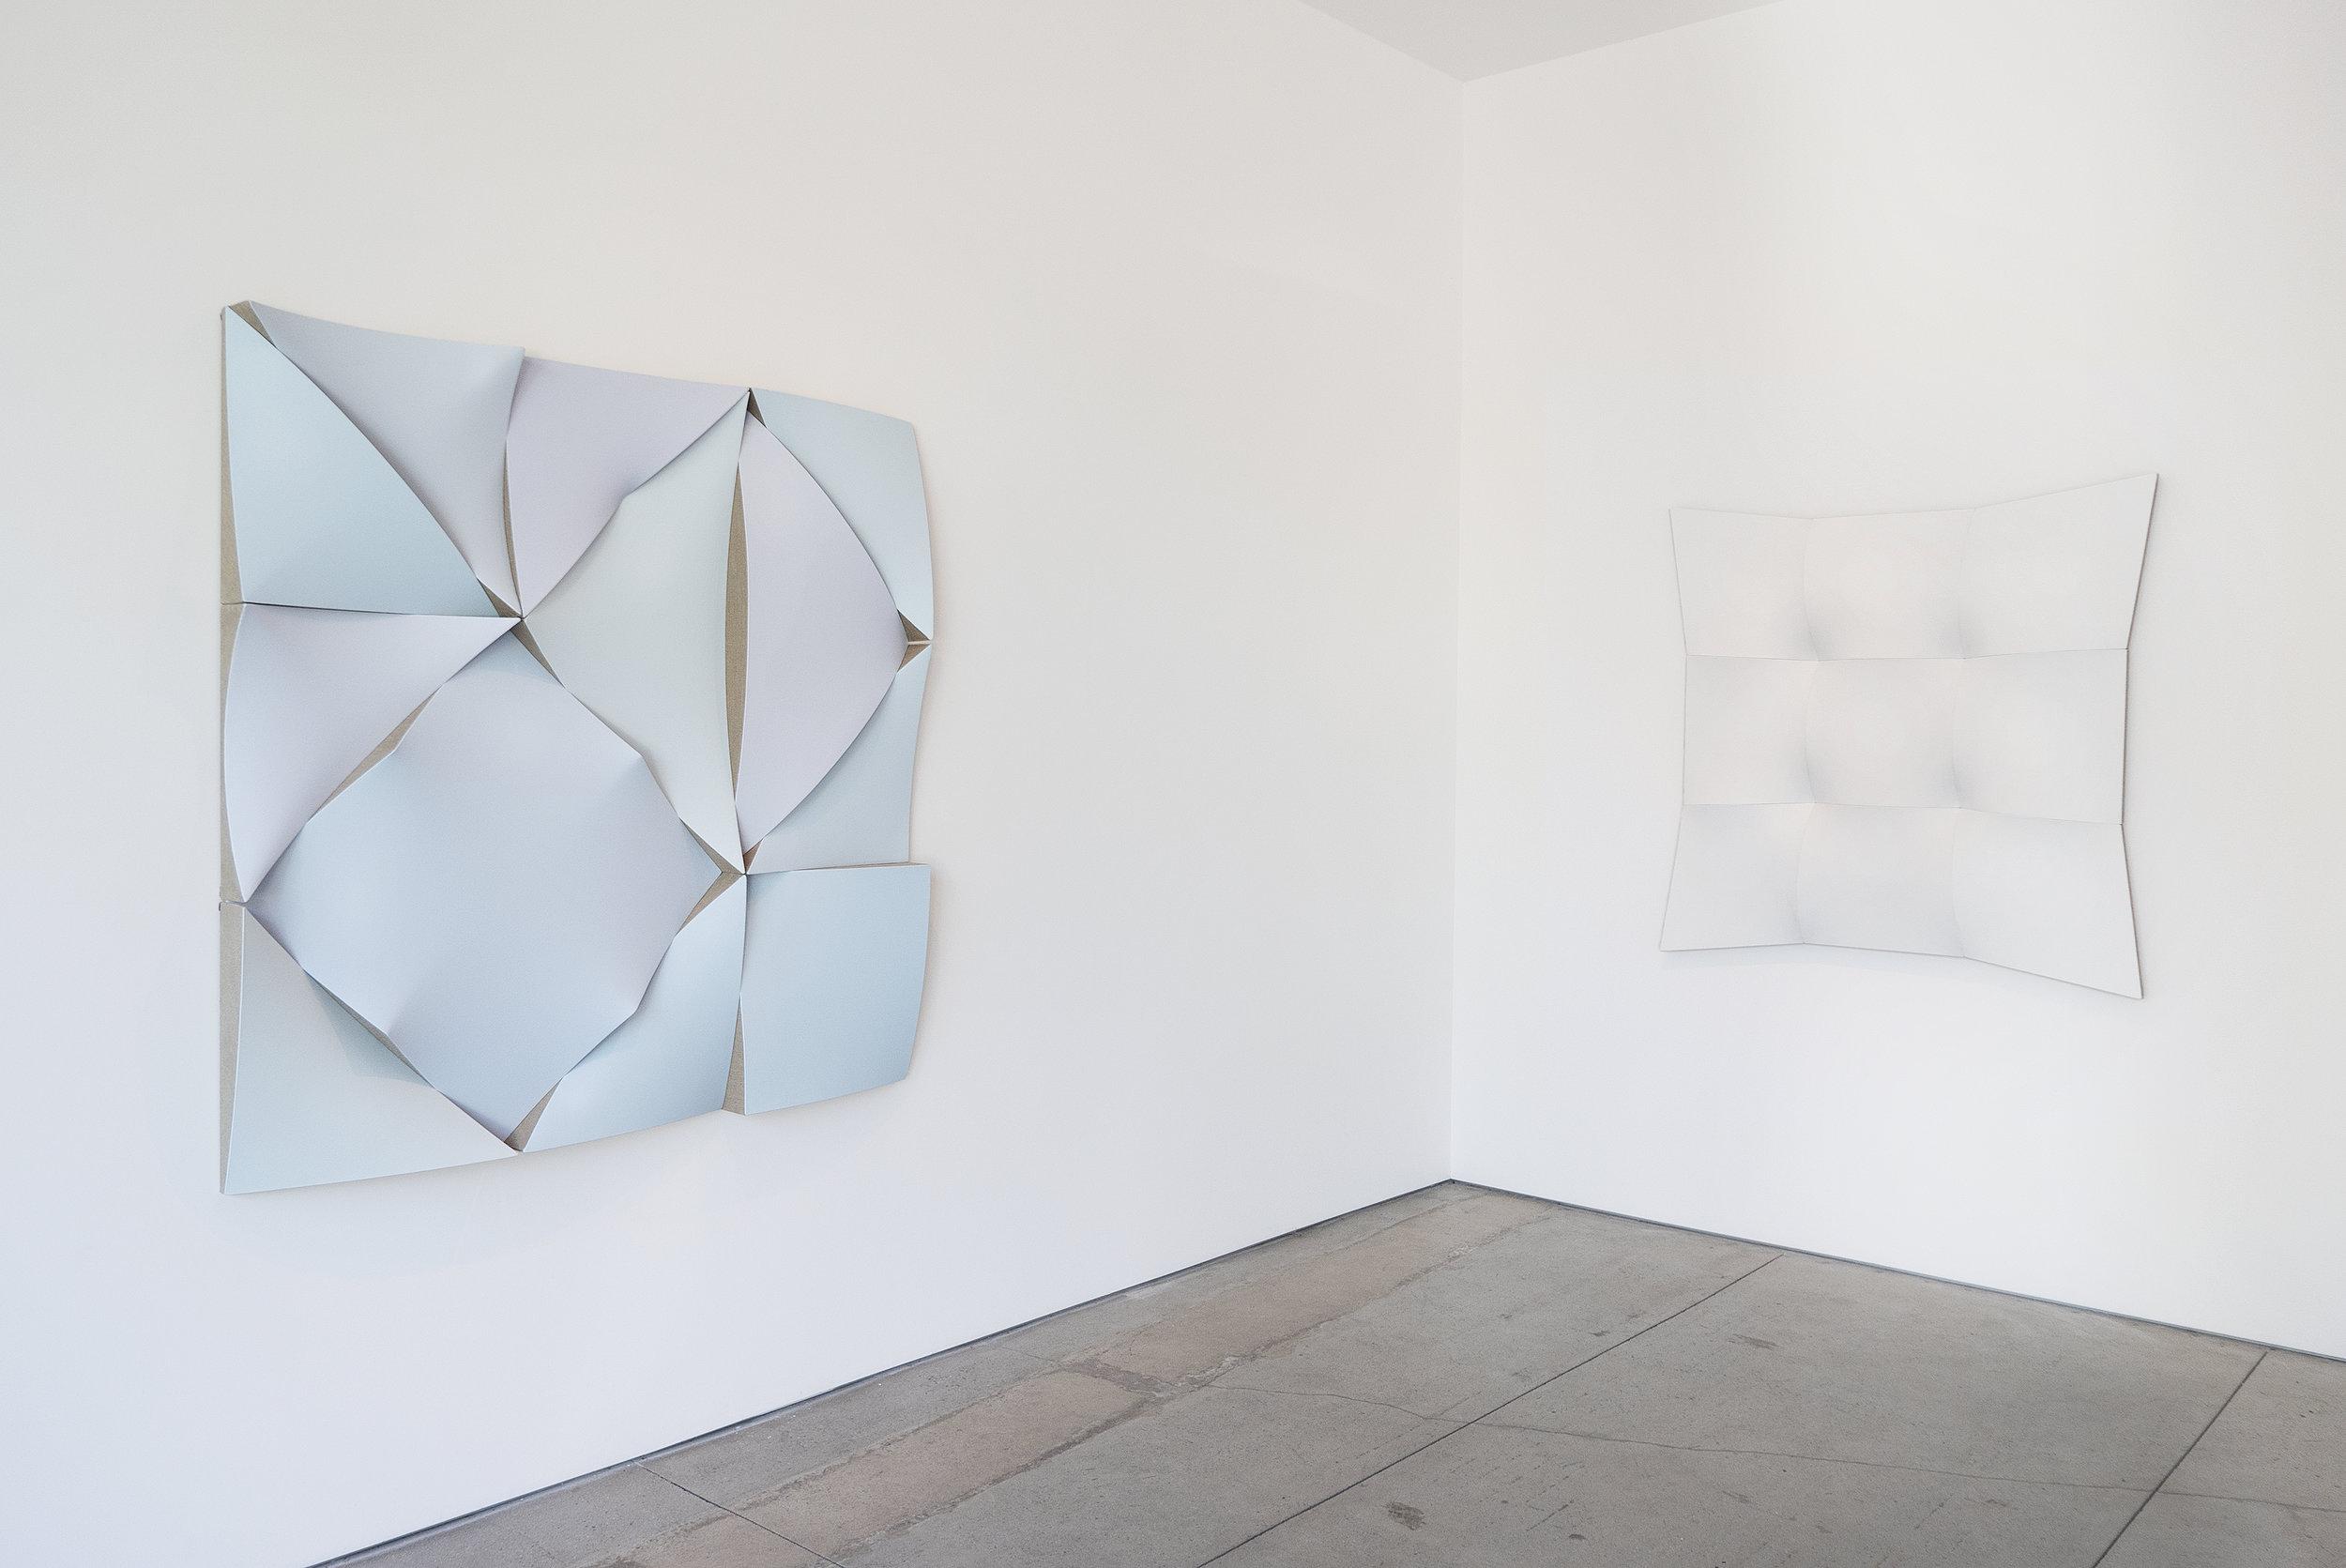 Jan Maarten Voskuil, Solo Exhibition 2019, Installation View_1.jpg